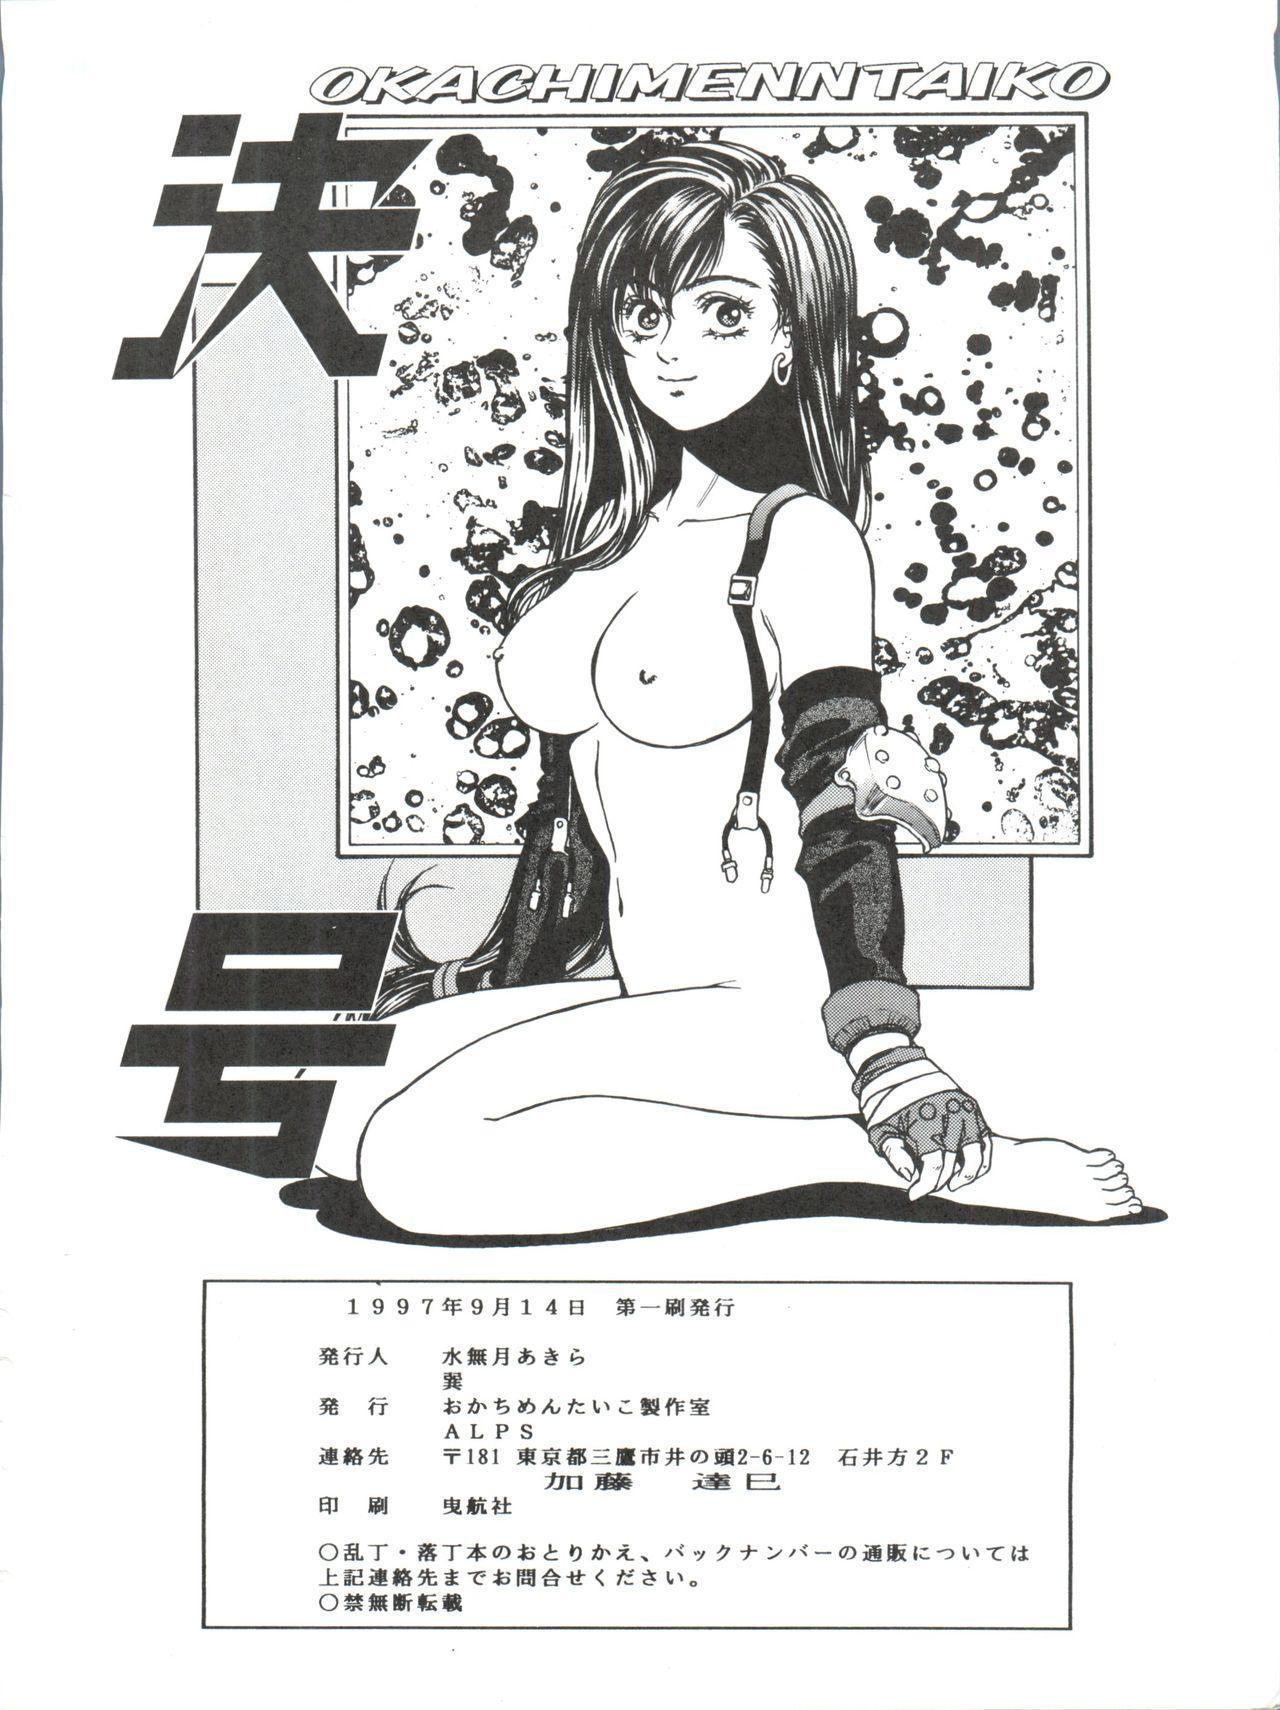 Okachimentaiko Key-gou 90